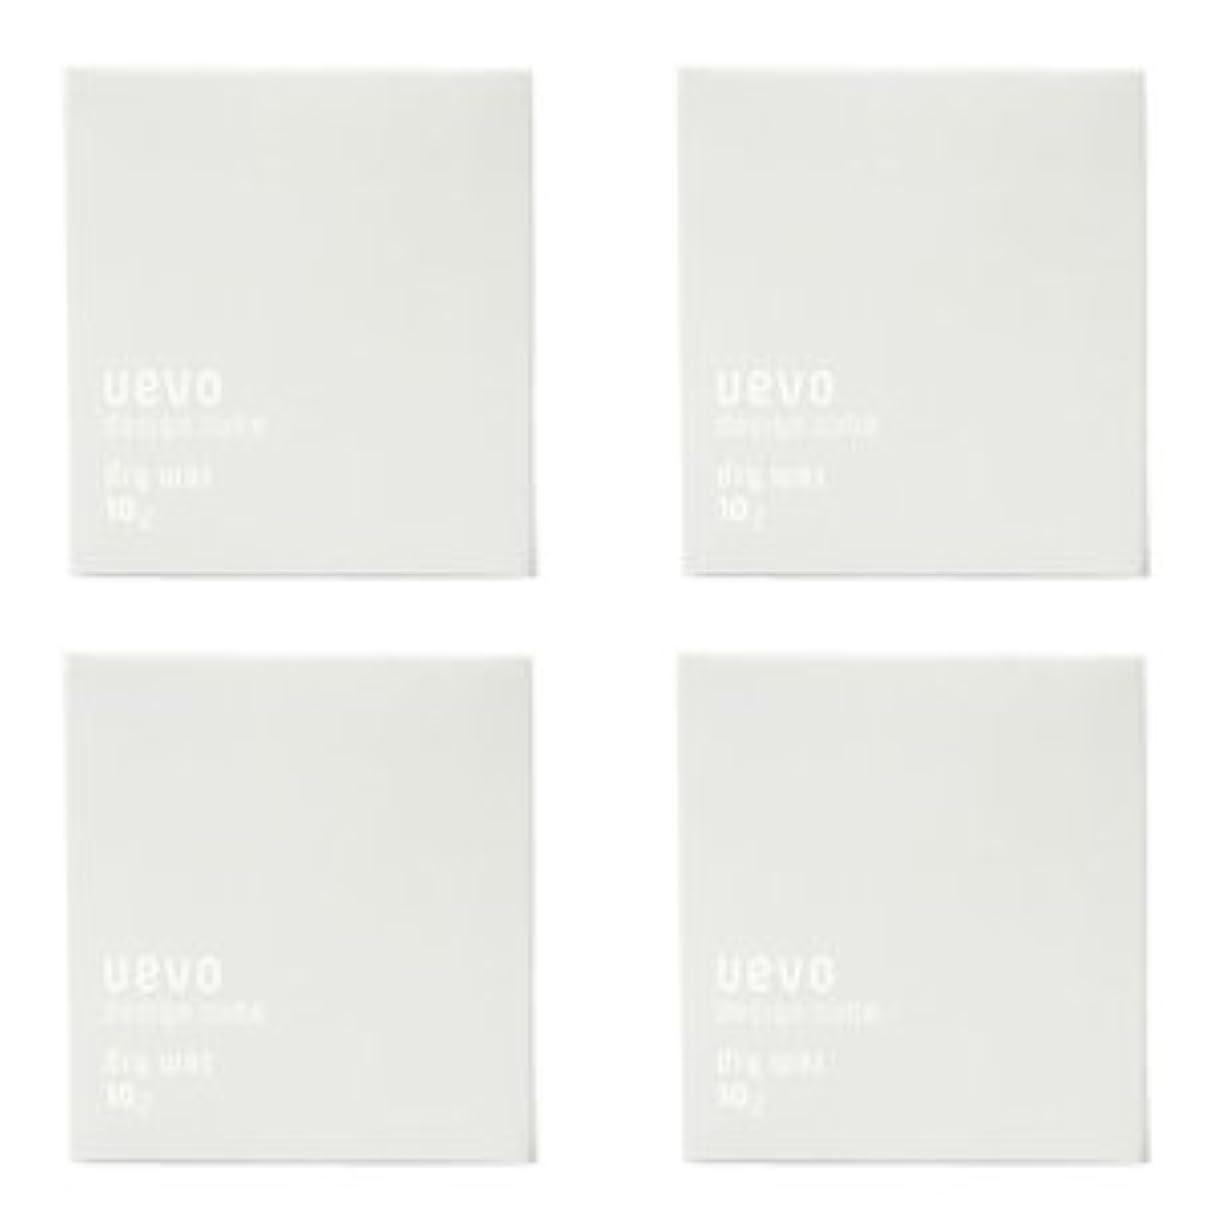 がんばり続ける伝記ネスト【X4個セット】 デミ ウェーボ デザインキューブ ドライワックス 80g dry wax